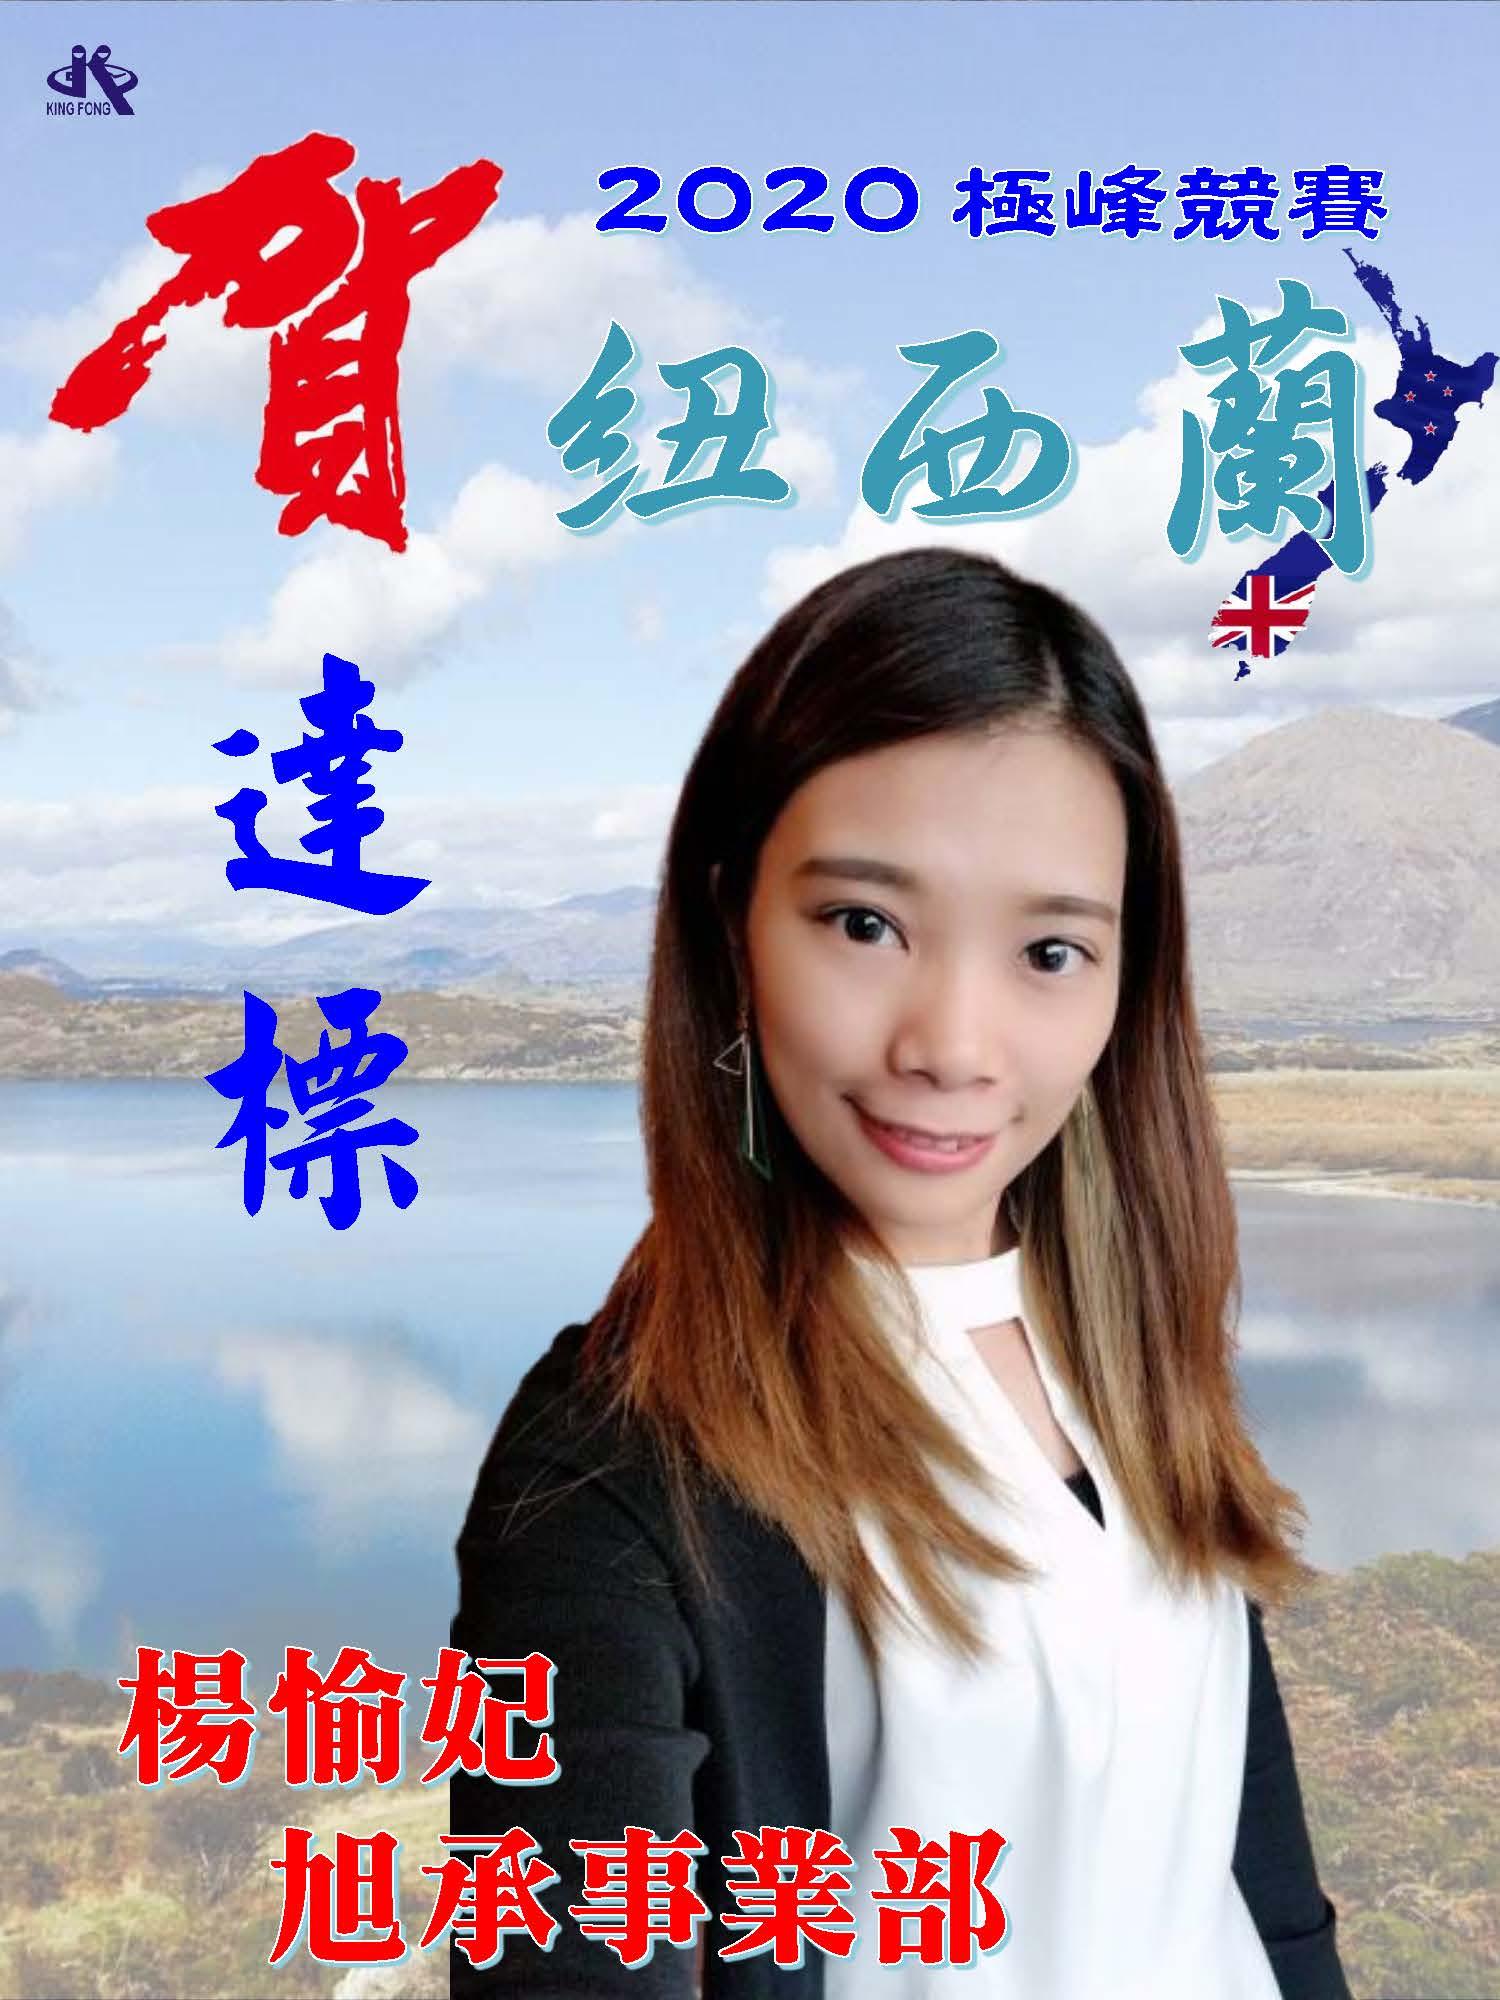 20200623-2020年極峰競賽紐西蘭英雄榜-楊愉妃